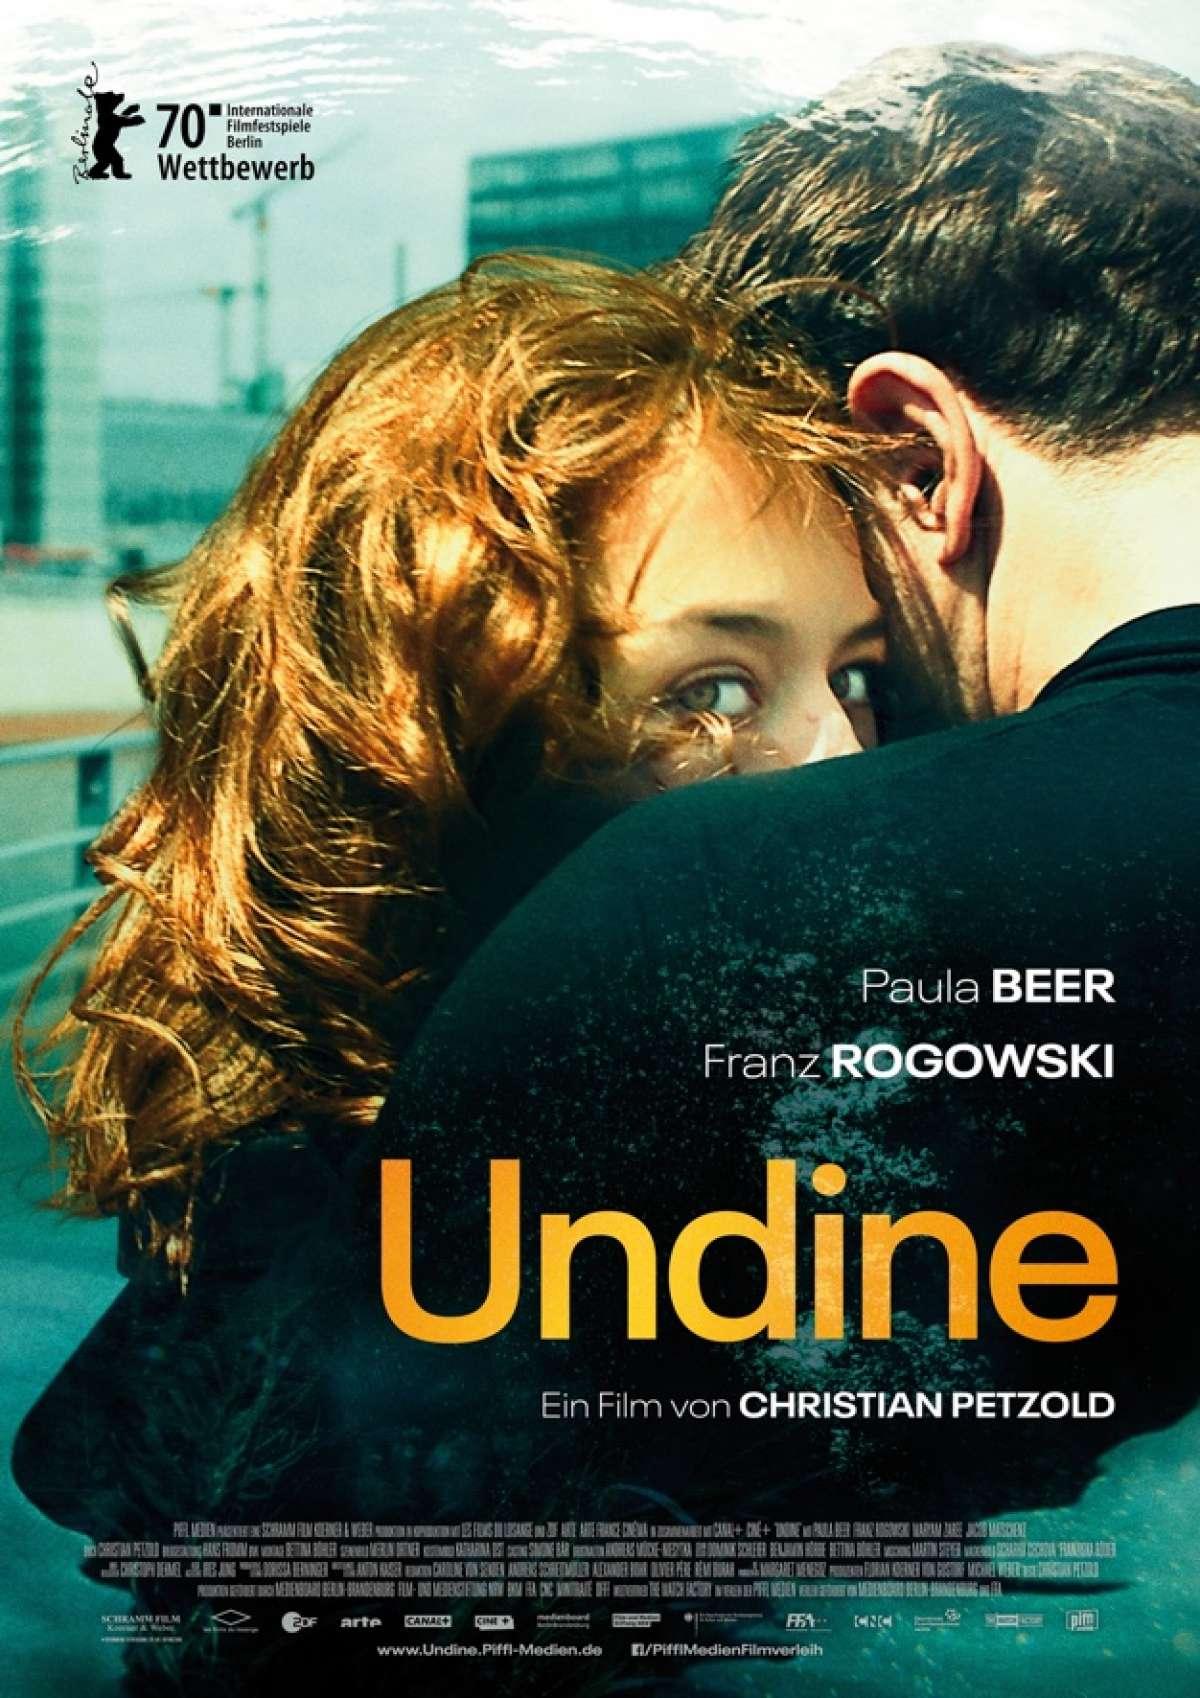 Undine - Kino  - Wolfhagen